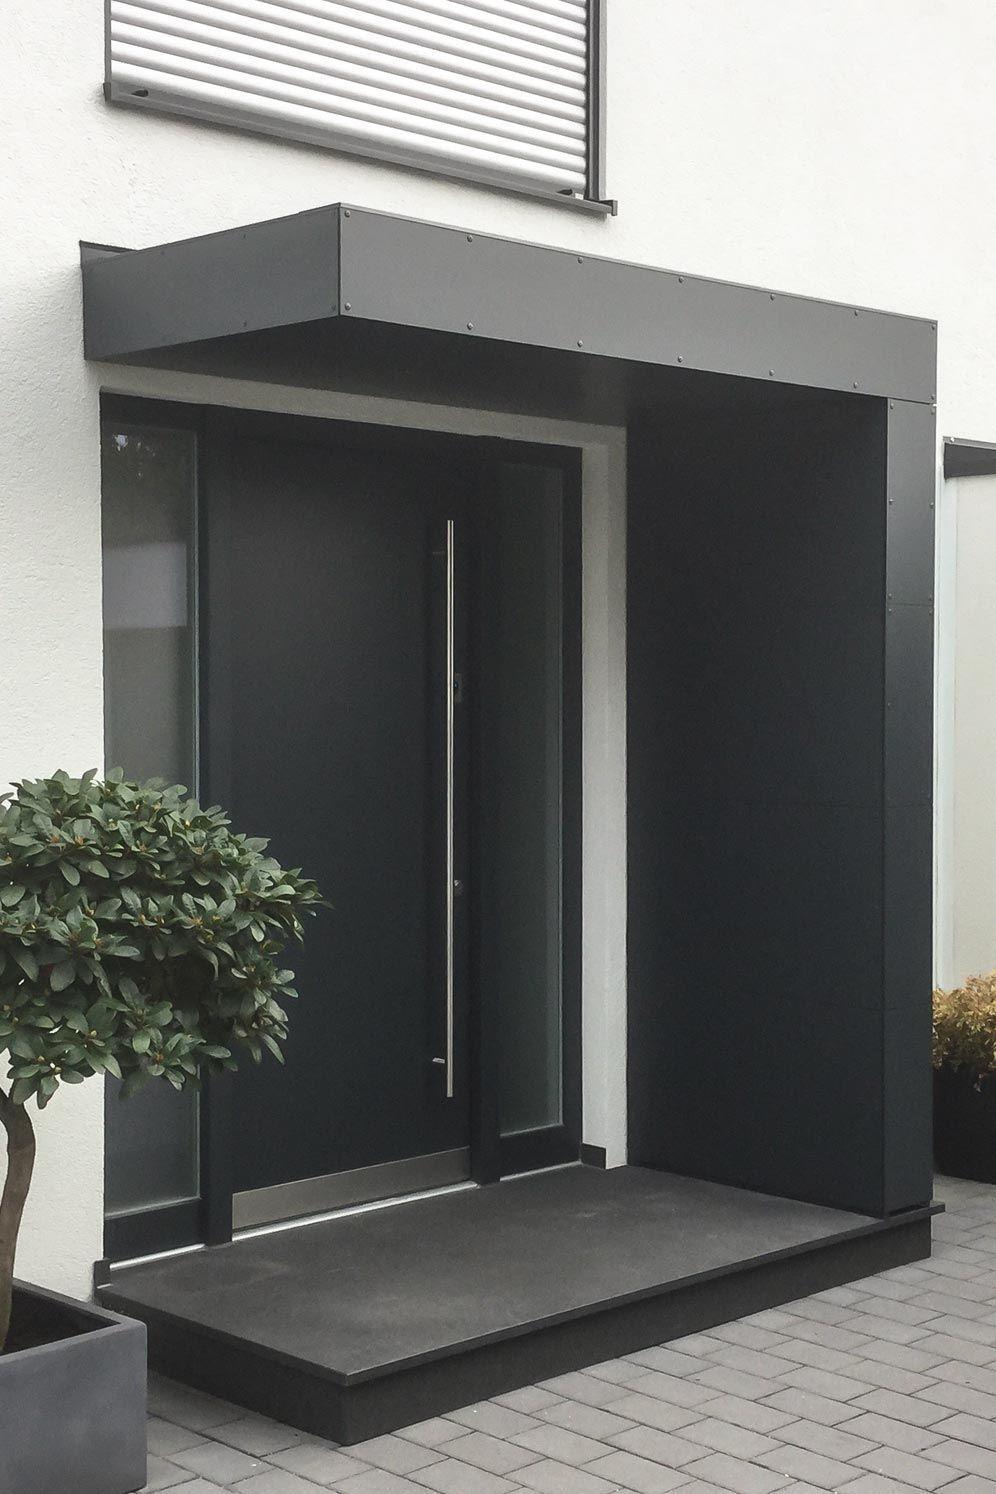 Photo of Vordach / Vordach für Haustüren von Siebau in L-Form.